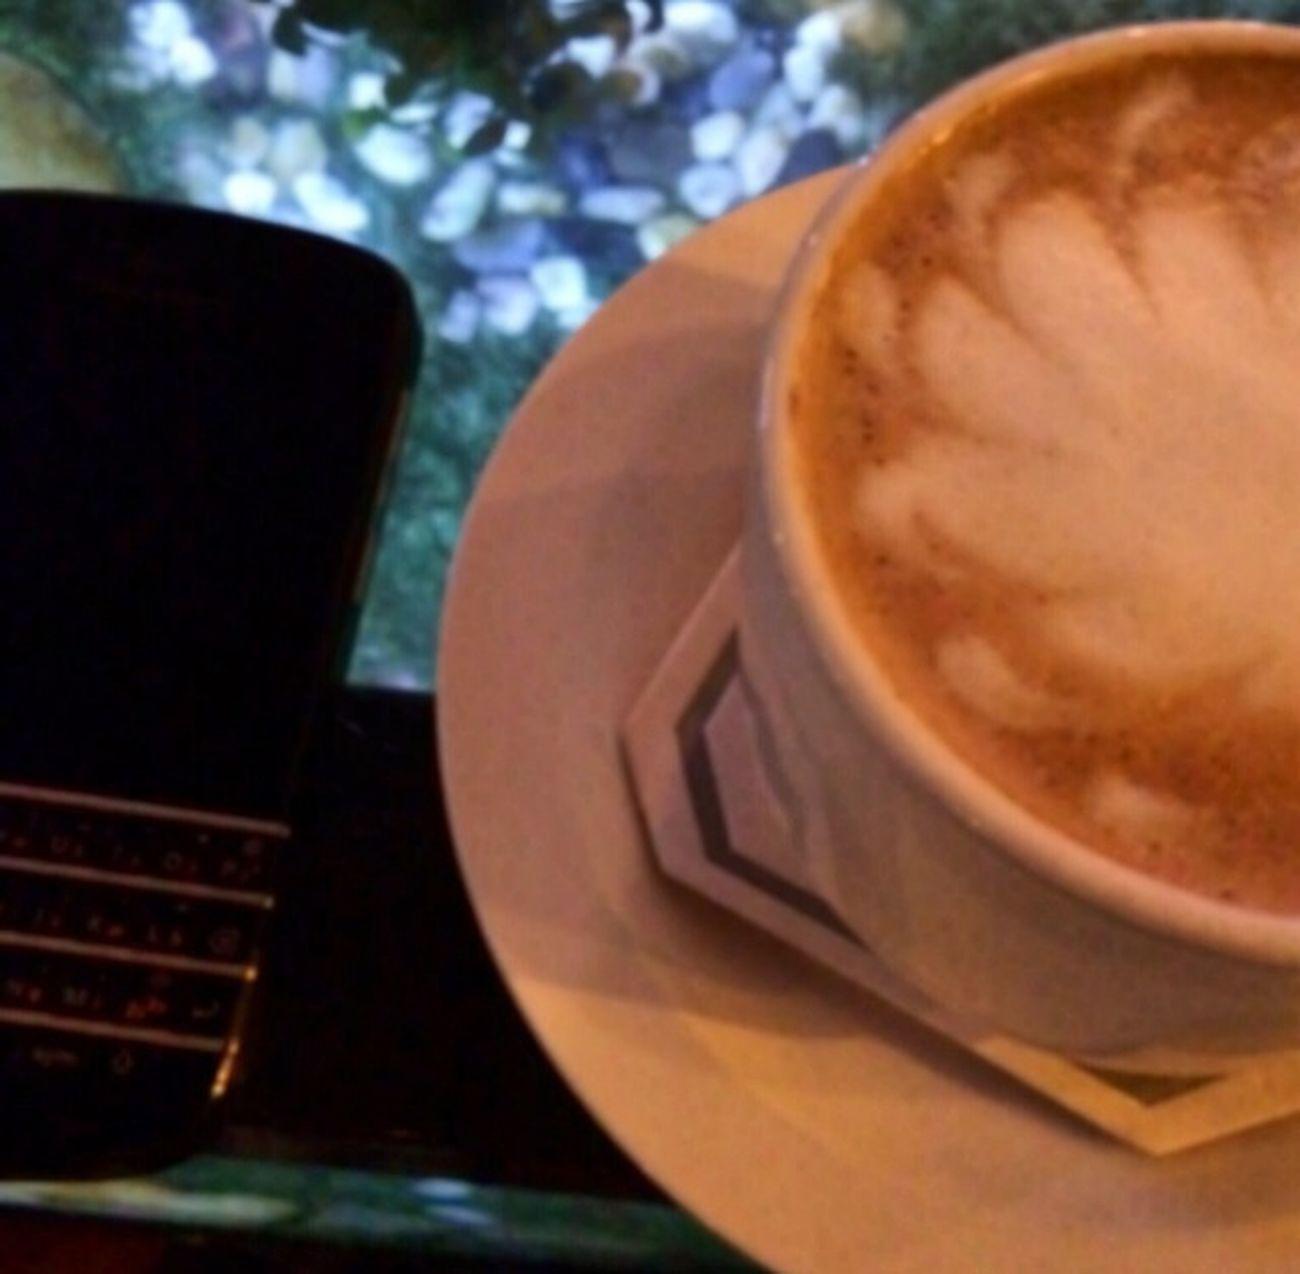 سالخير .. كابتشينو ذي القهوة ادماان تصويري  كابتشينو عشق